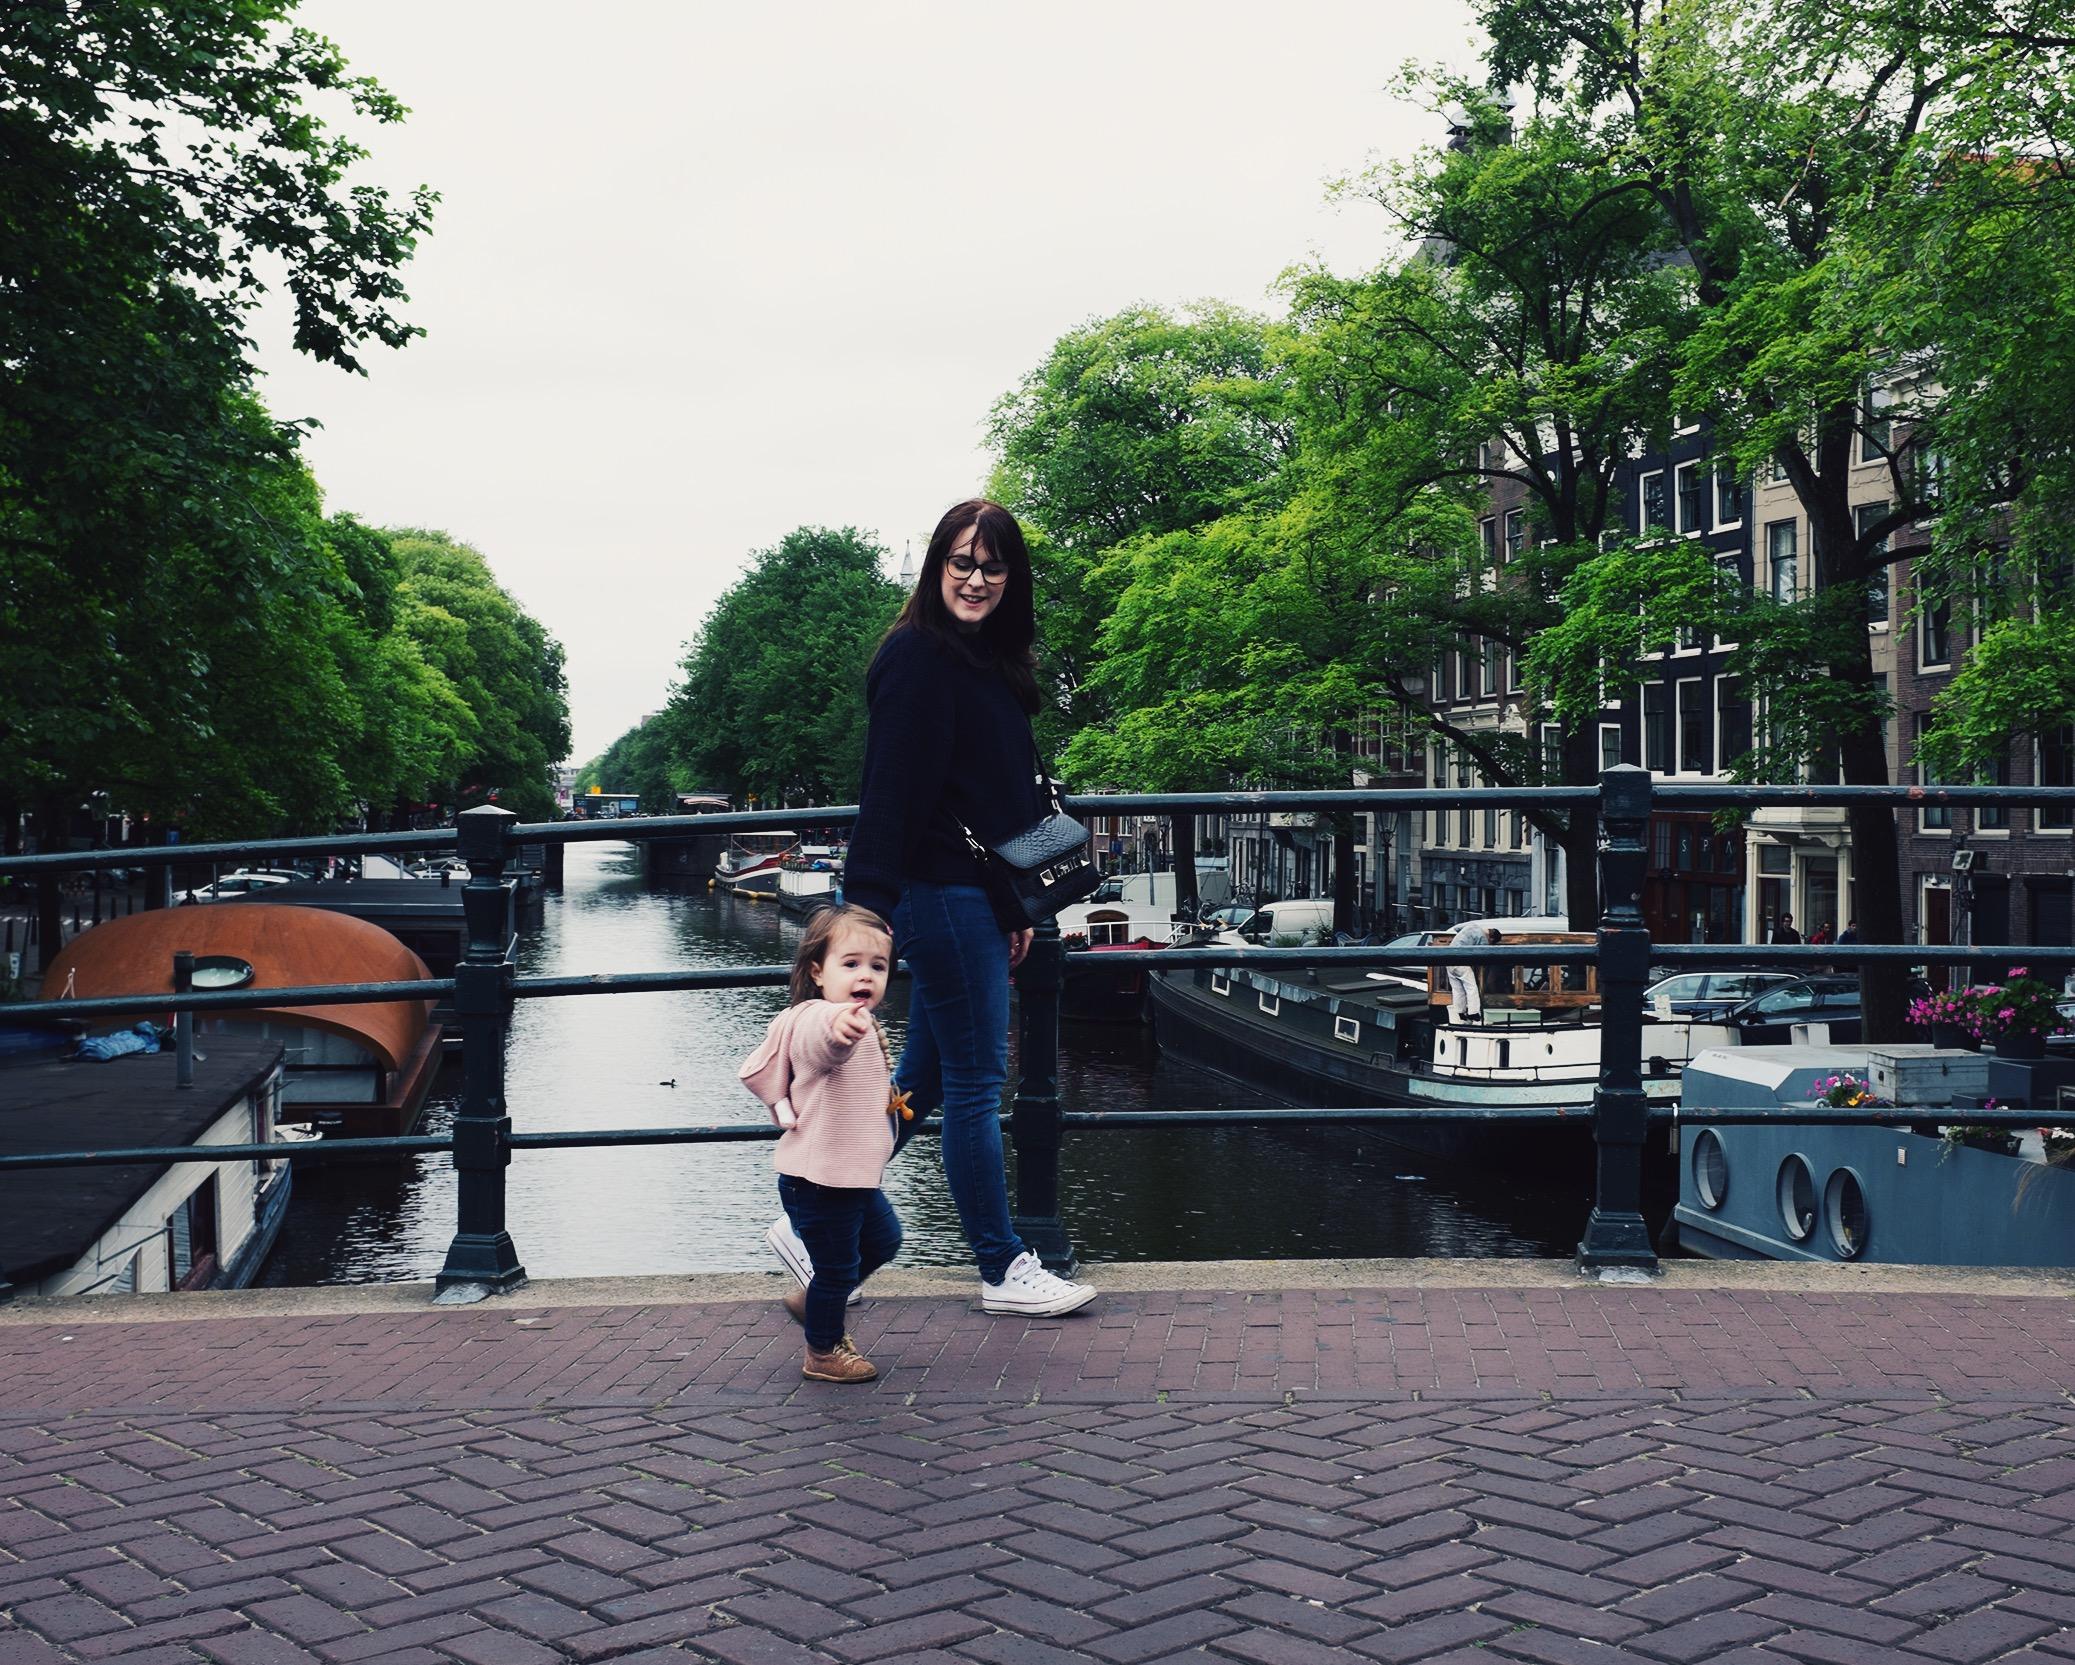 amsterdam anna frost fafine walking bridge prinsengracht